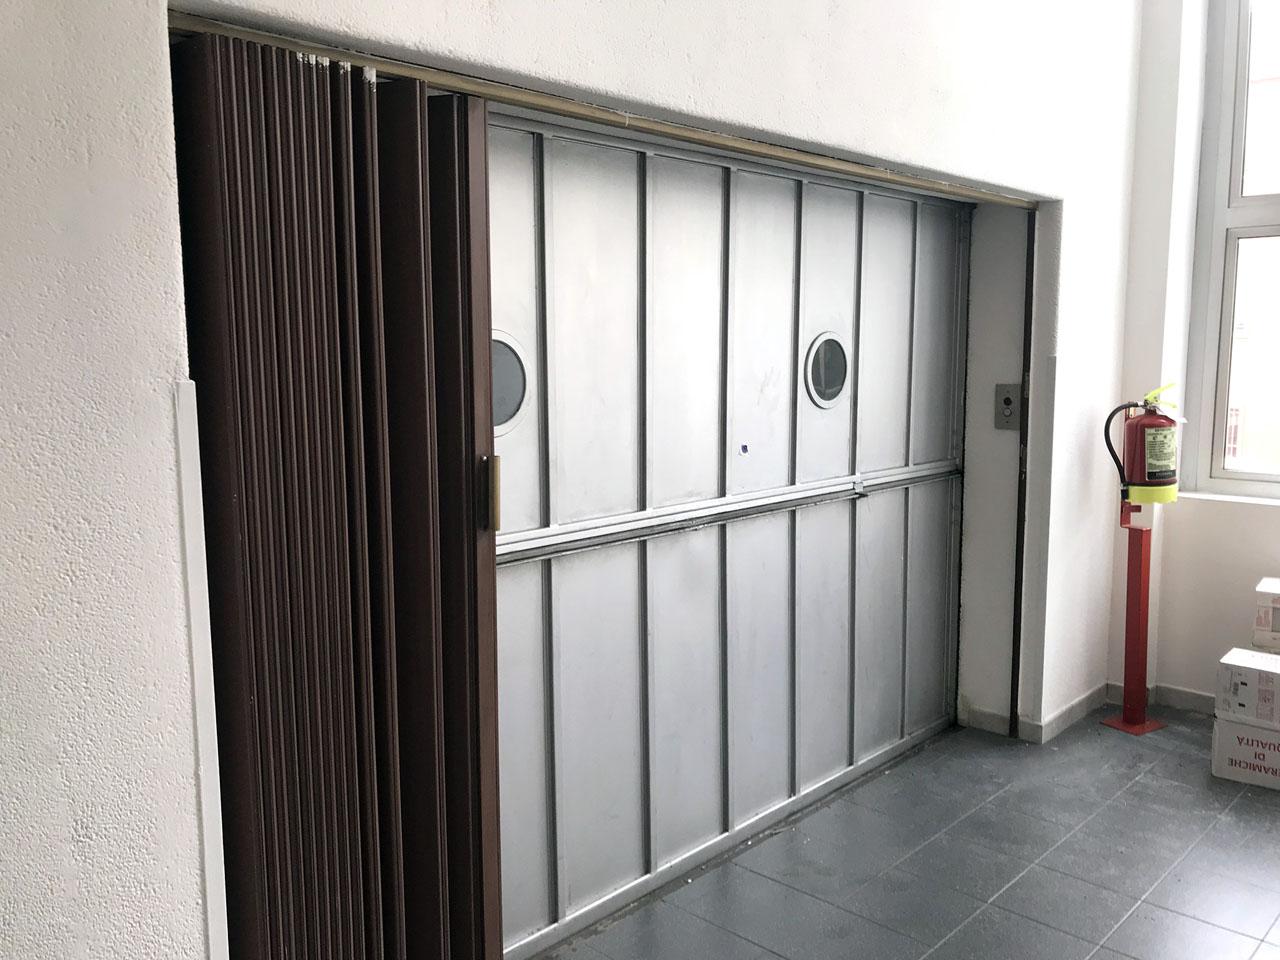 ufficio 430 mq secondo piano - Atlantic Business Center - montacarichi interno